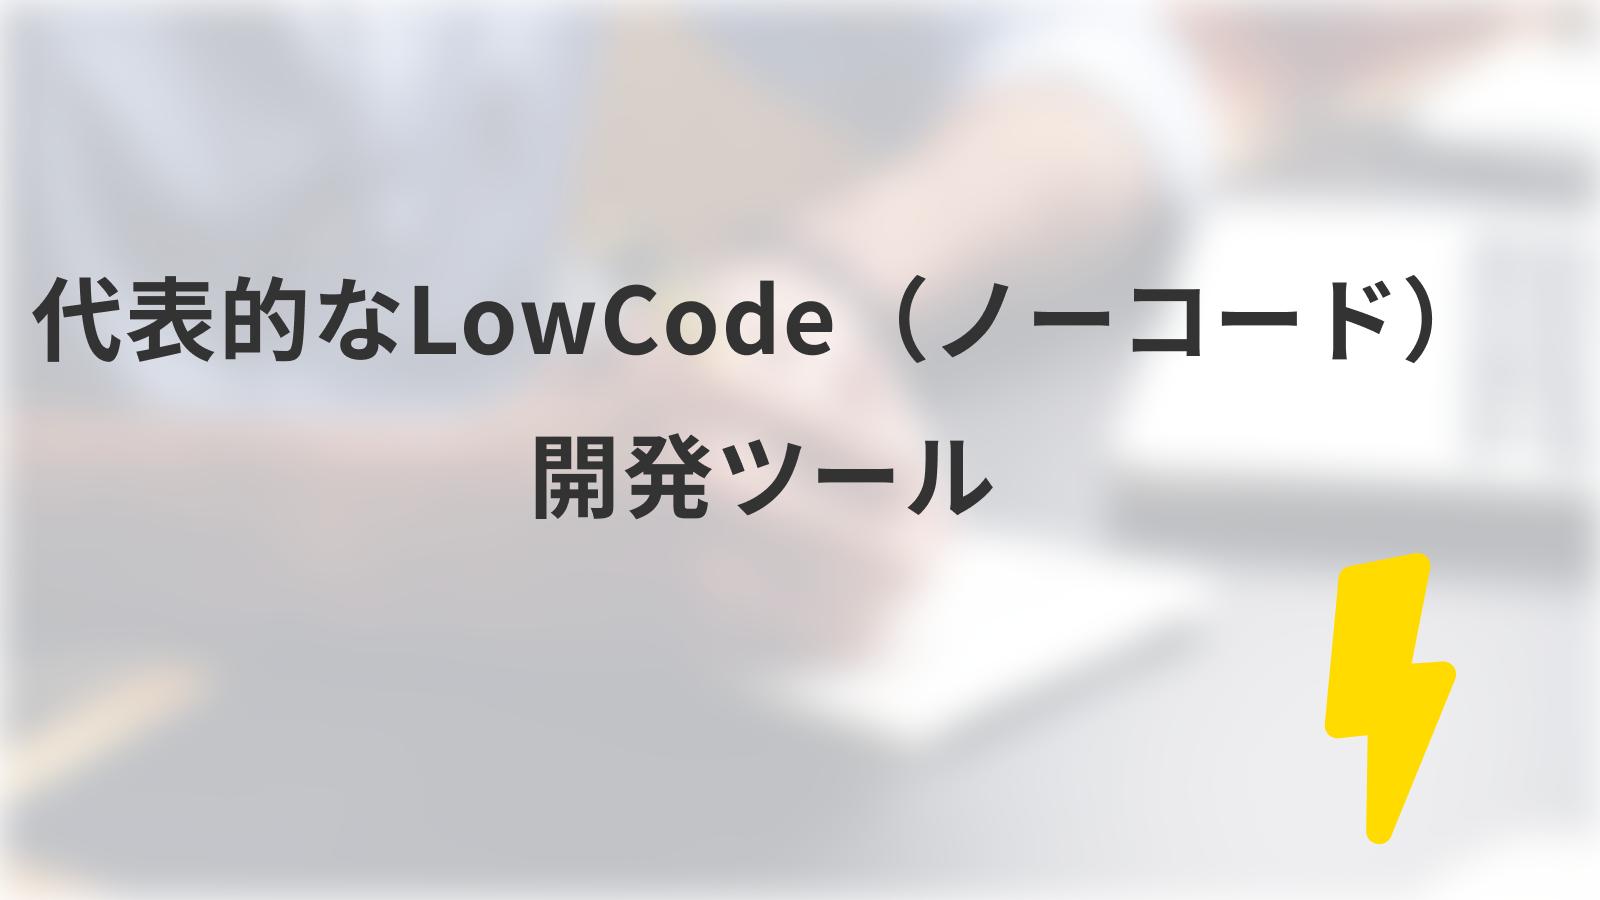 代表的なLowCode(ローコード)開発ツール